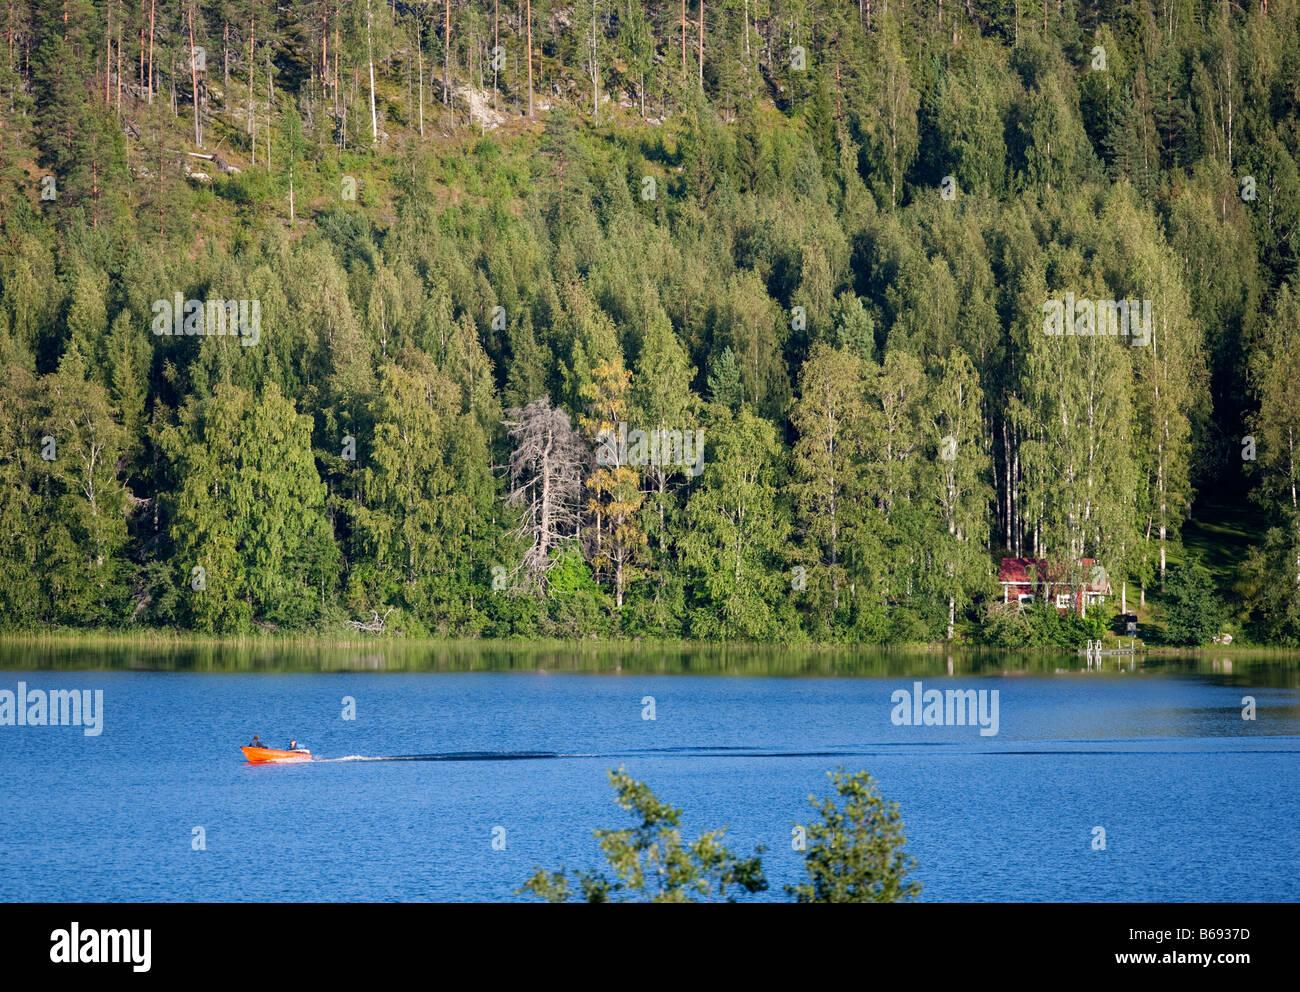 Boat at a lake , Finland - Stock Image